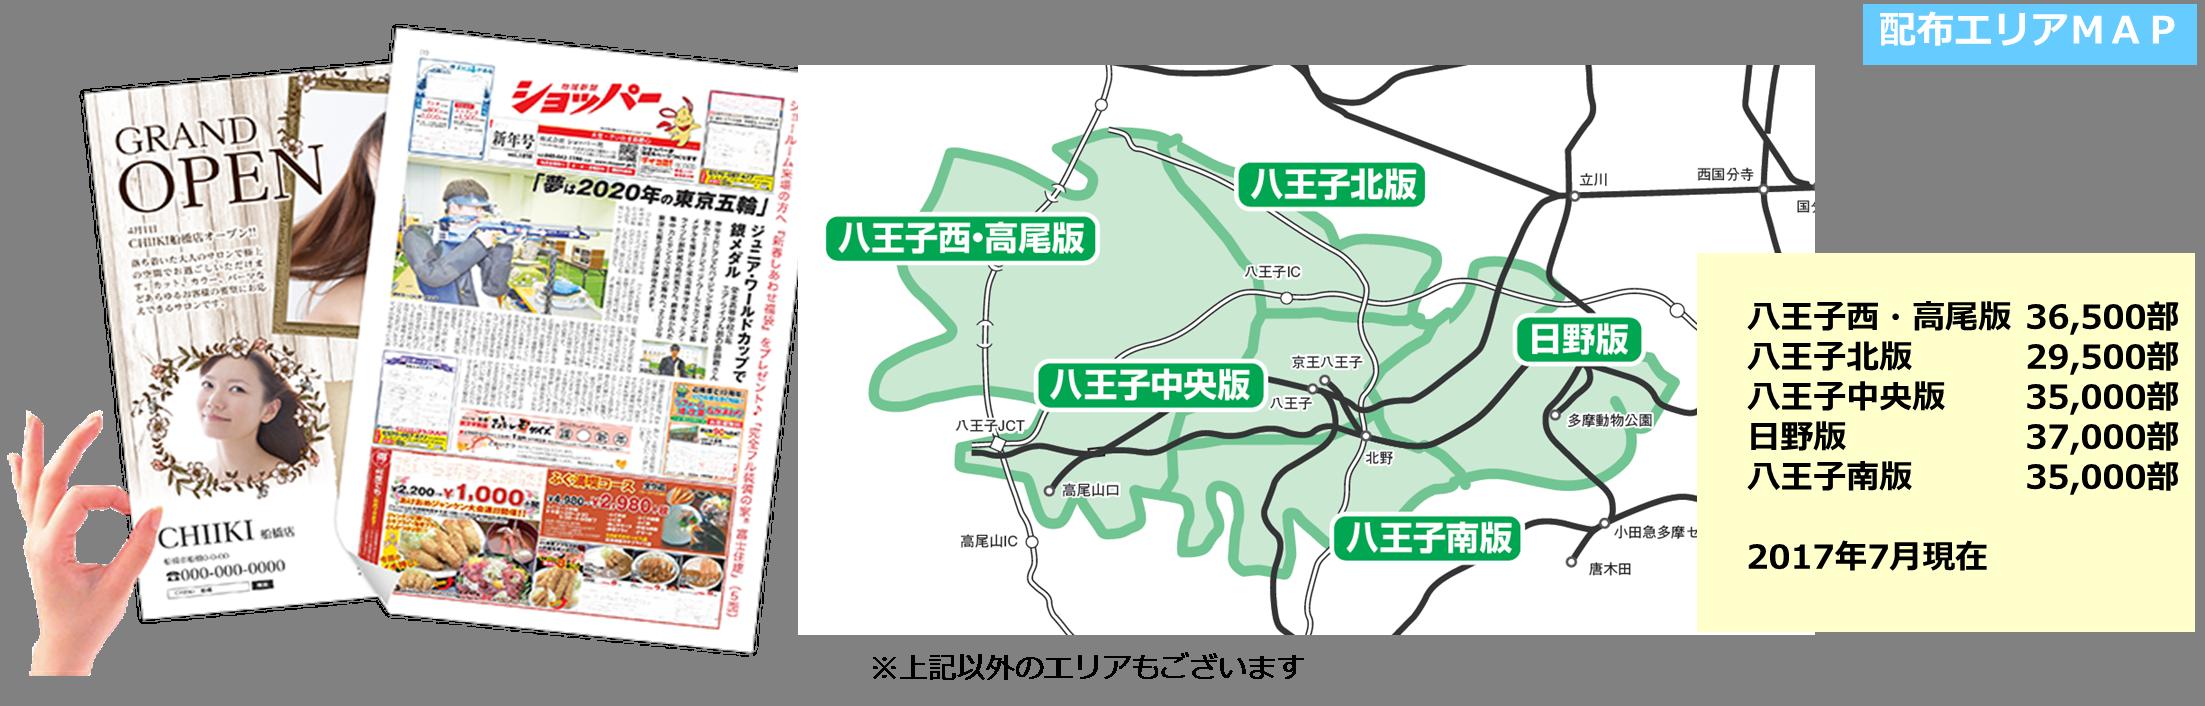 【八王子市 ポスティングエリアMAP・部数一覧】